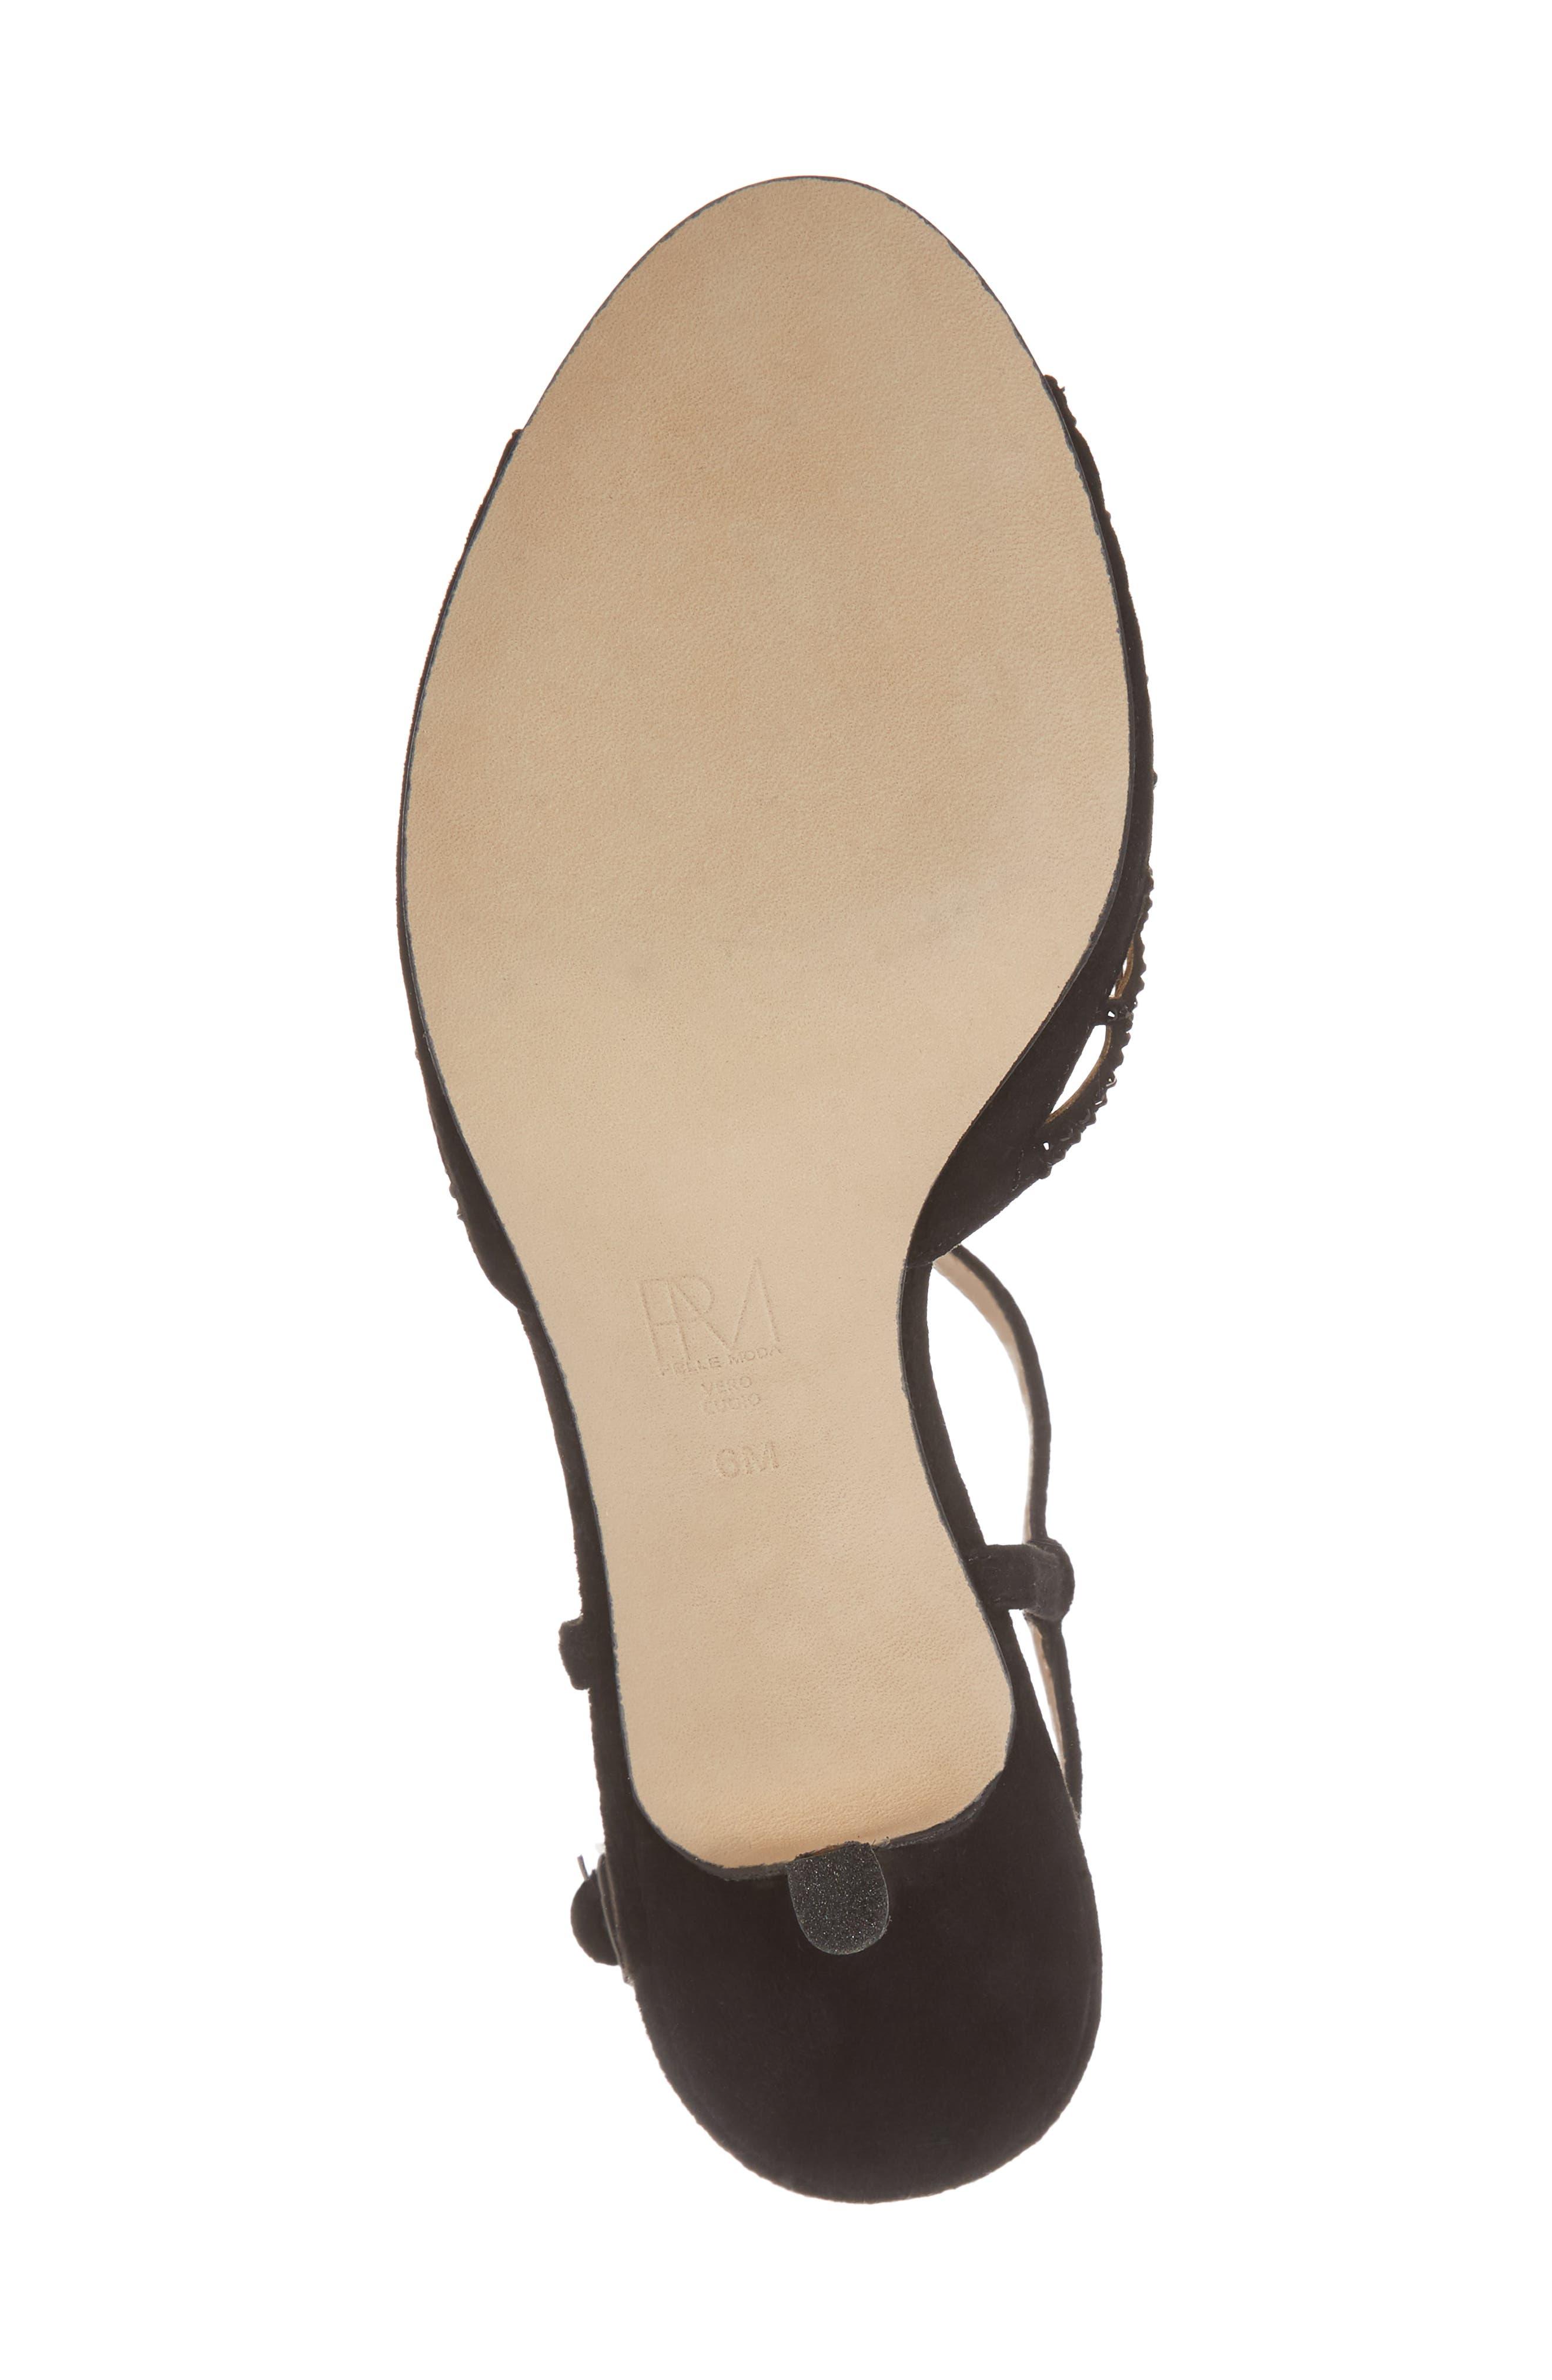 Adaline Embellished Sandal,                             Alternate thumbnail 6, color,                             001